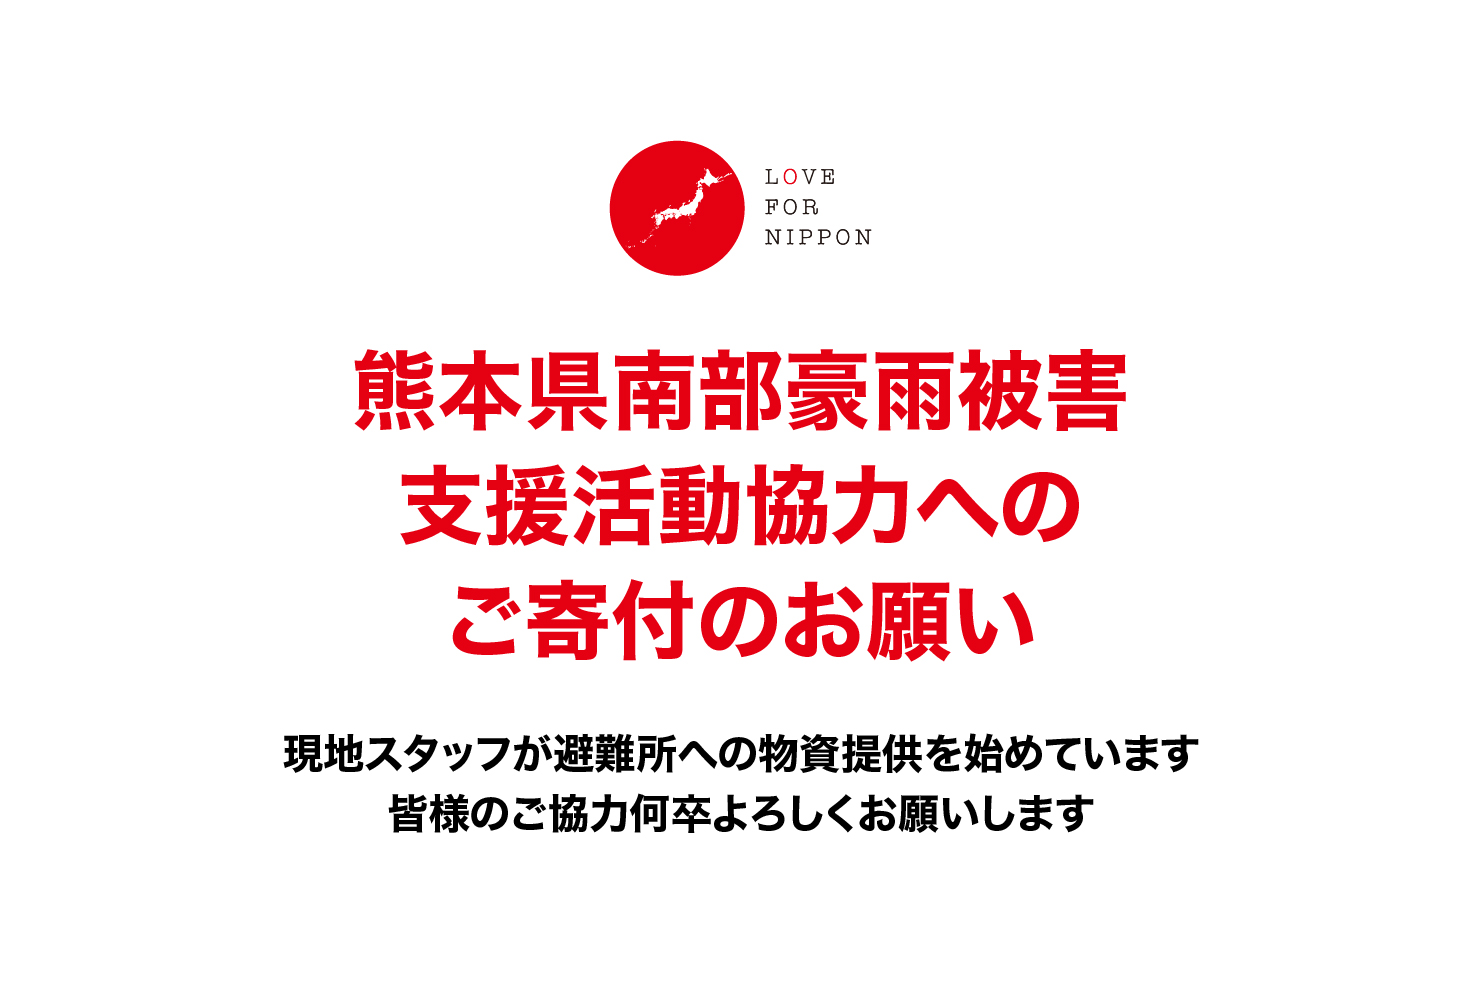 熊本南部豪雨被害支援のお願い